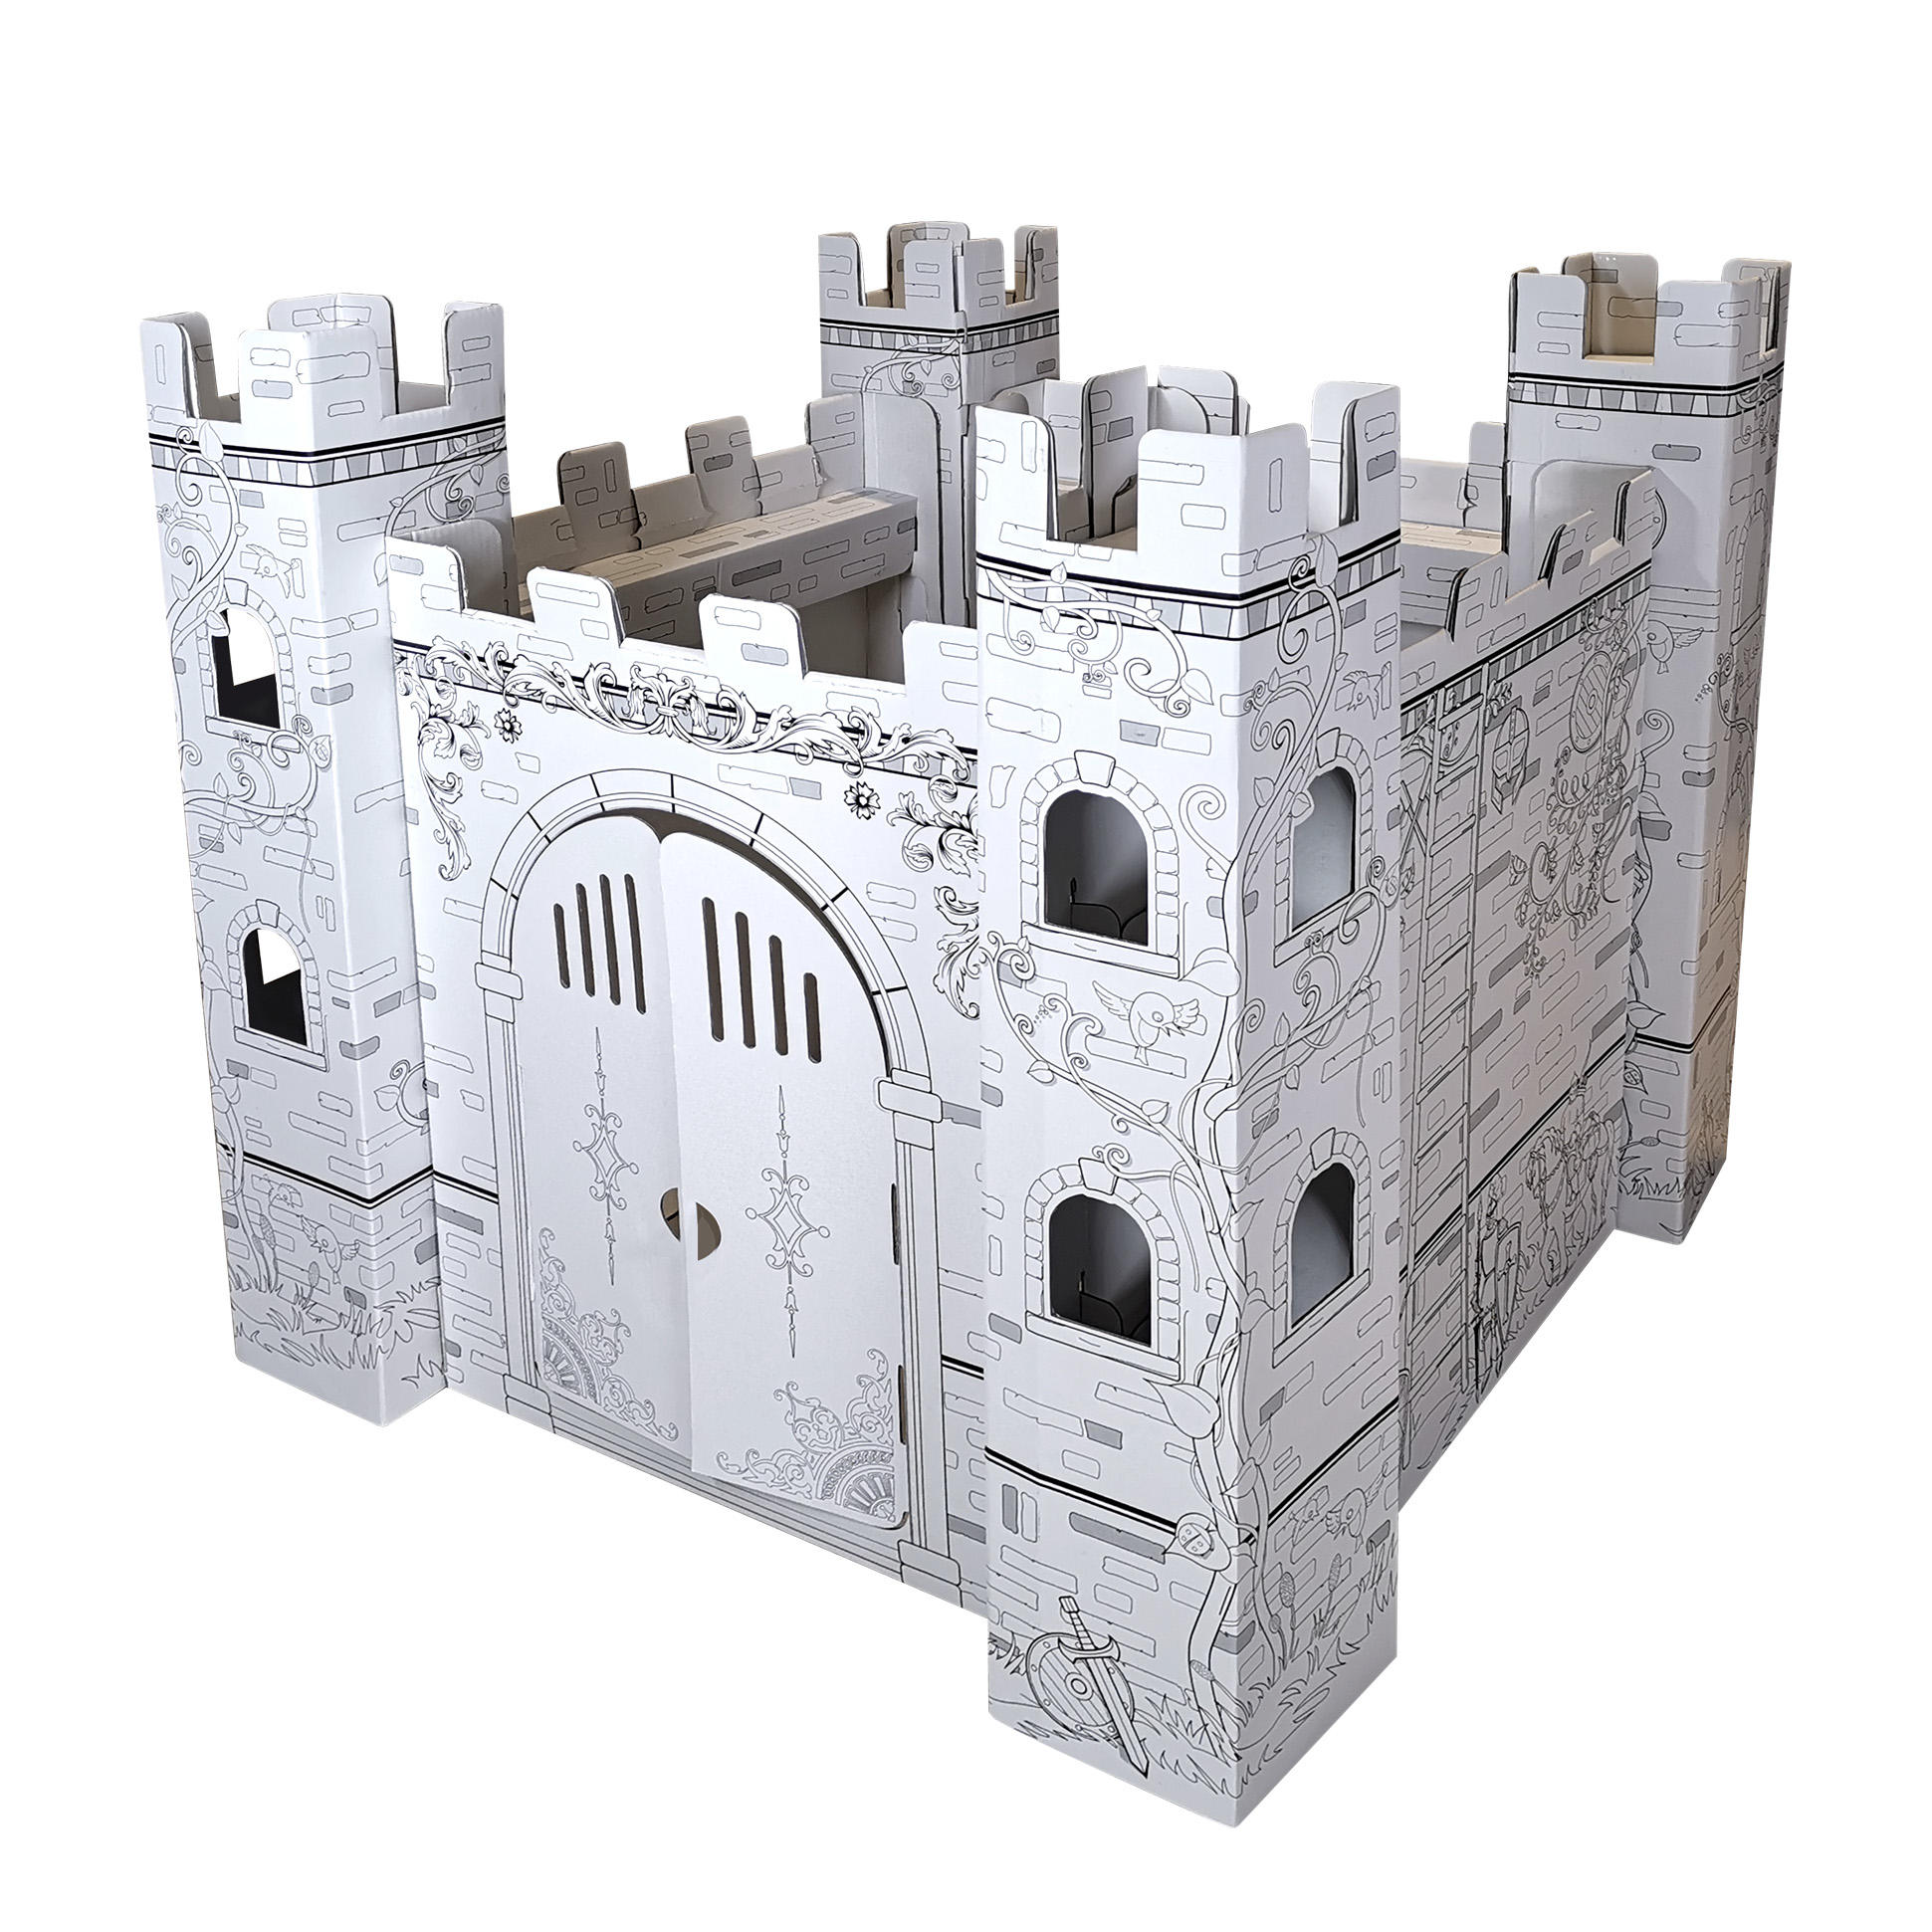 Оптовая продажа 3d DIY каракули головоломки Замок тема Дети партия дом форма модель куб картон картина игровой домик